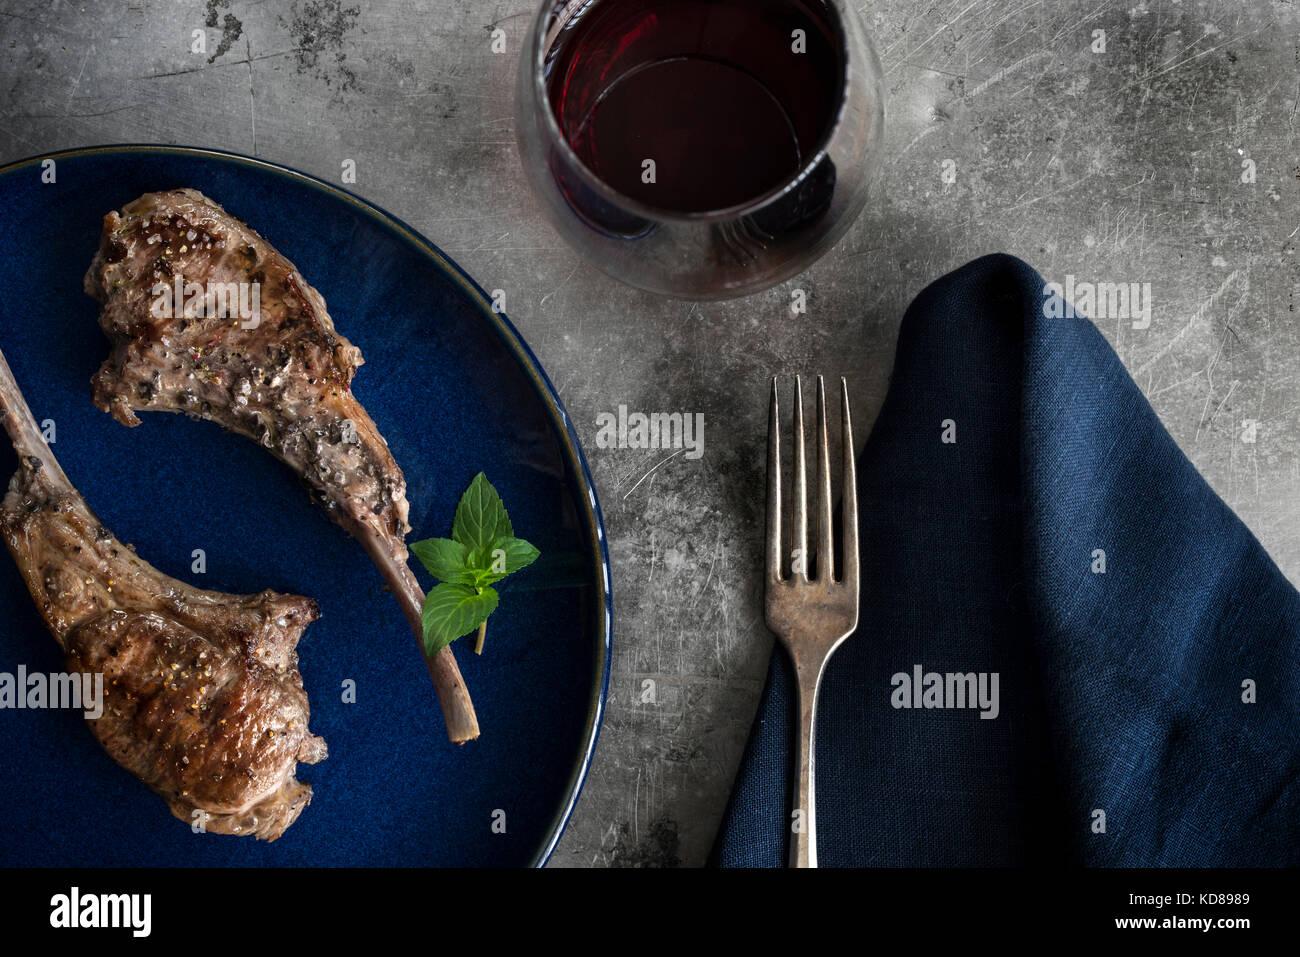 Gebratene lollipop Lammkoteletts auf blauen Platte. Tabelle mit Marine Bettwäsche, Rotwein und rustikale Oberfläche Stockbild